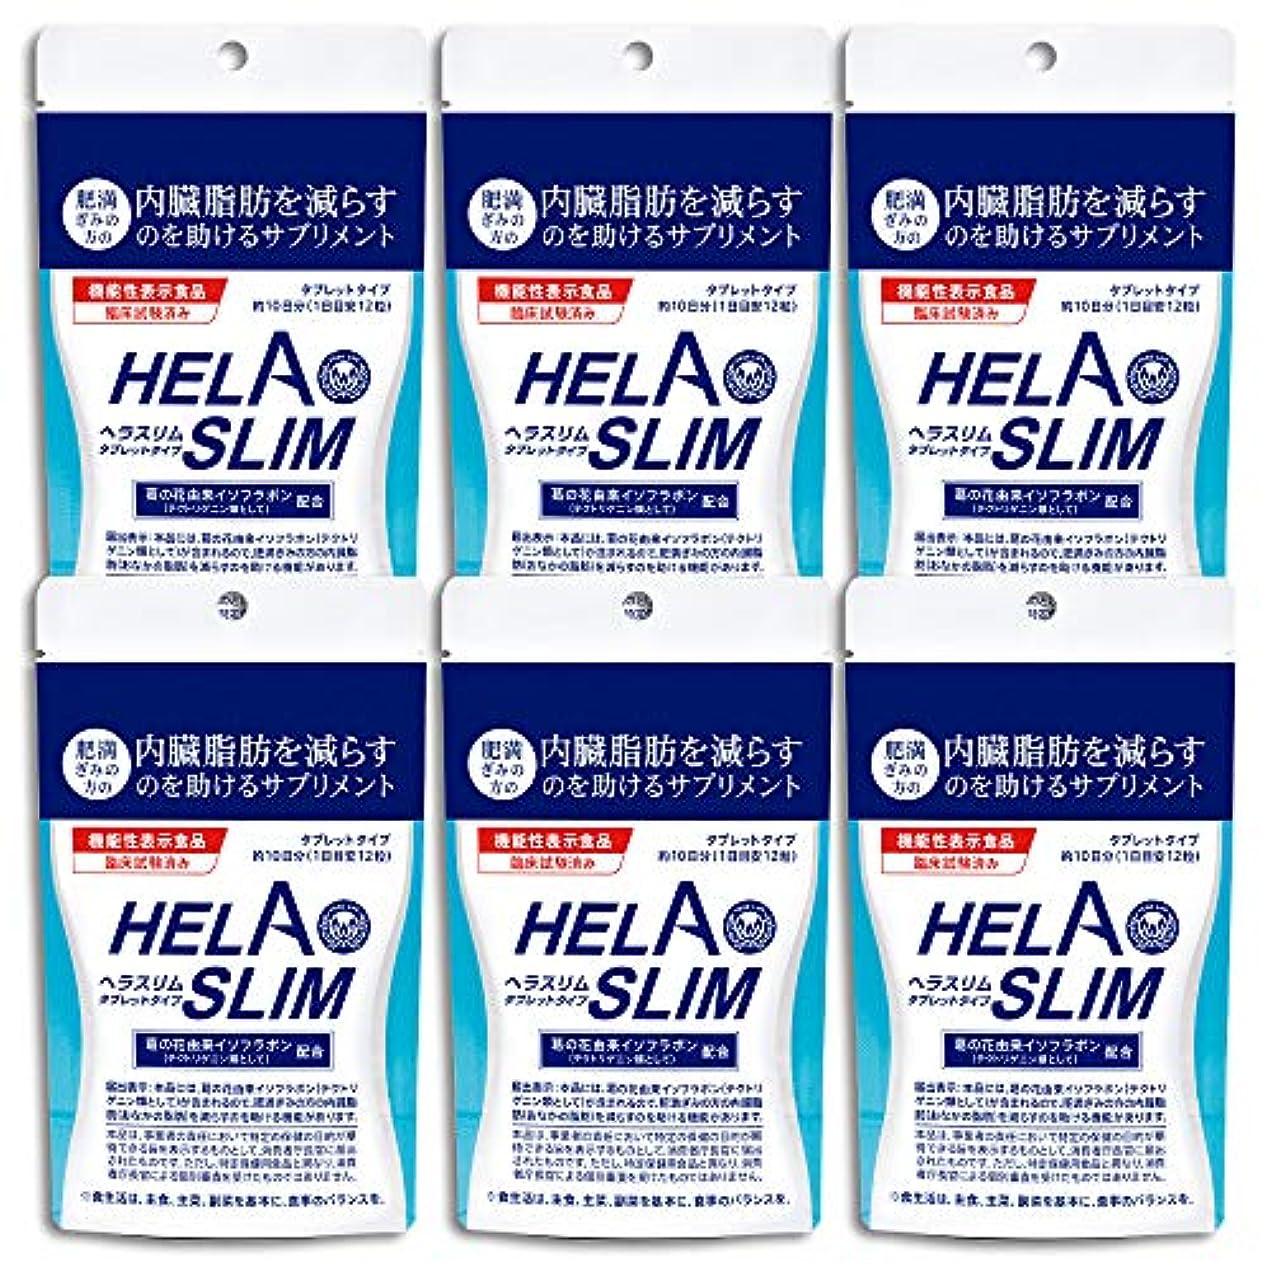 バッフル列挙するあいにく【6袋セット】HELASLIM(120粒入り)アルミパック